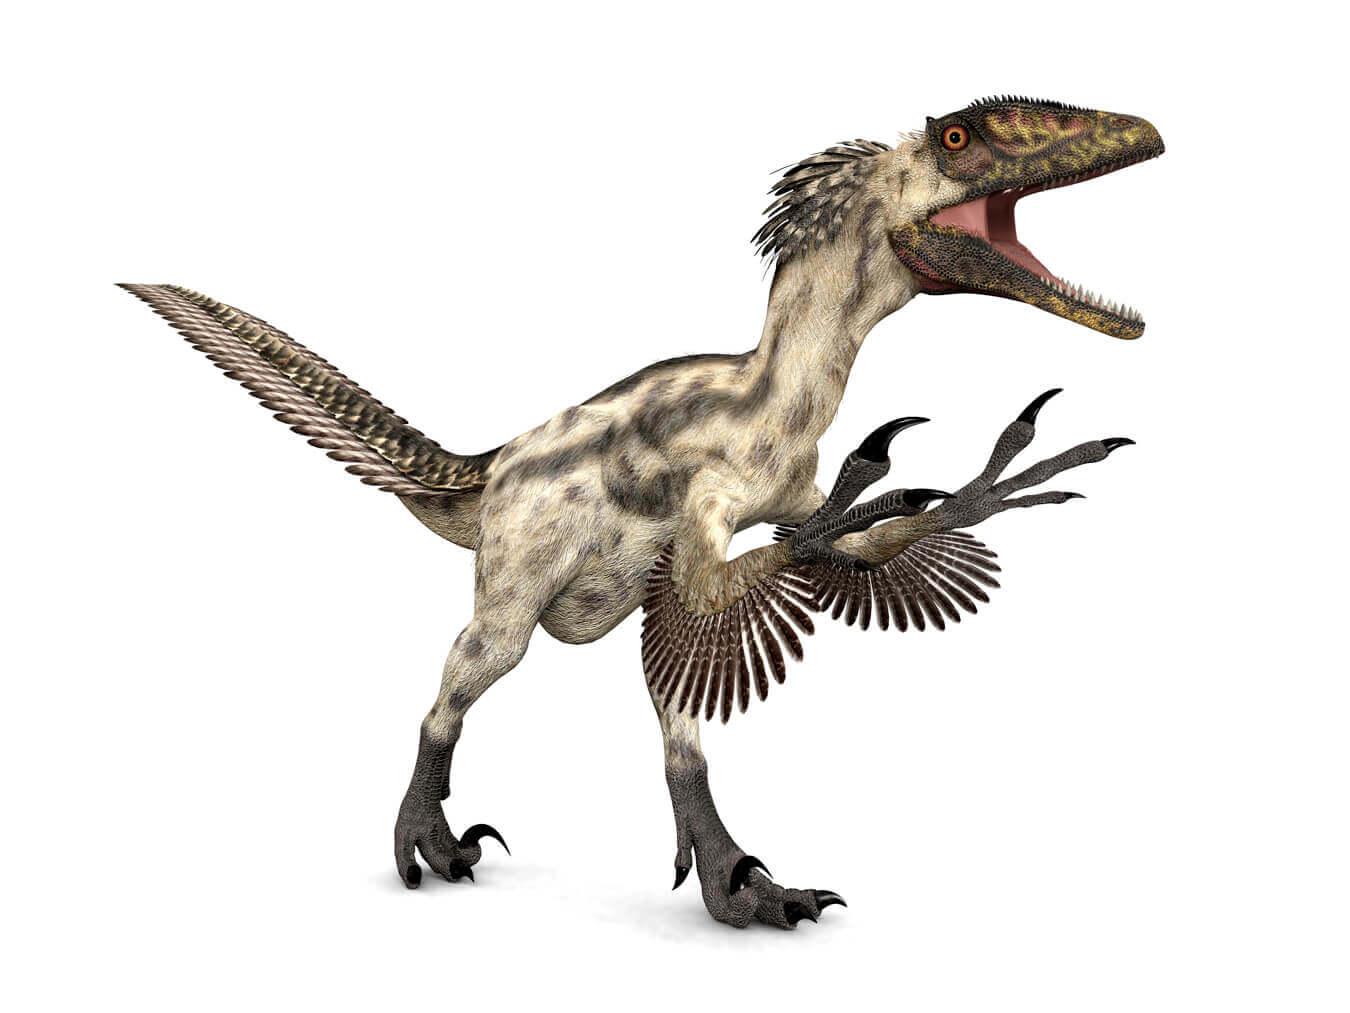 羽毛 ティラノサウルス ティラノサウルス毛が生えていた 茨城県自然博物館